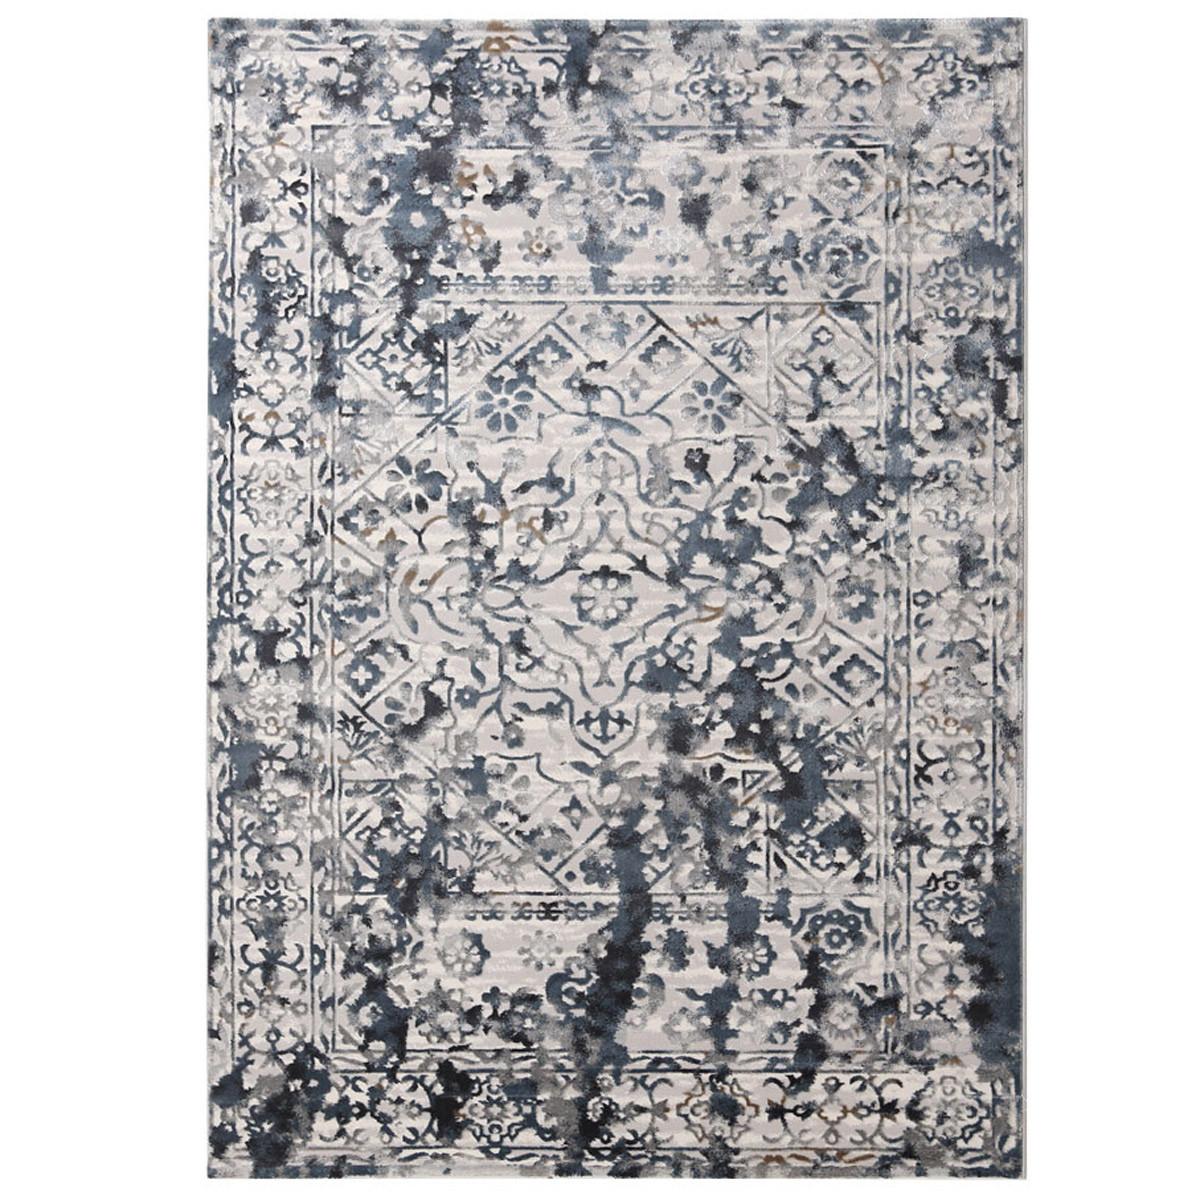 Χαλιά Κρεβατοκάμαρας (Σετ 3τμχ) Royal Carpets Elegance 5411 Grey